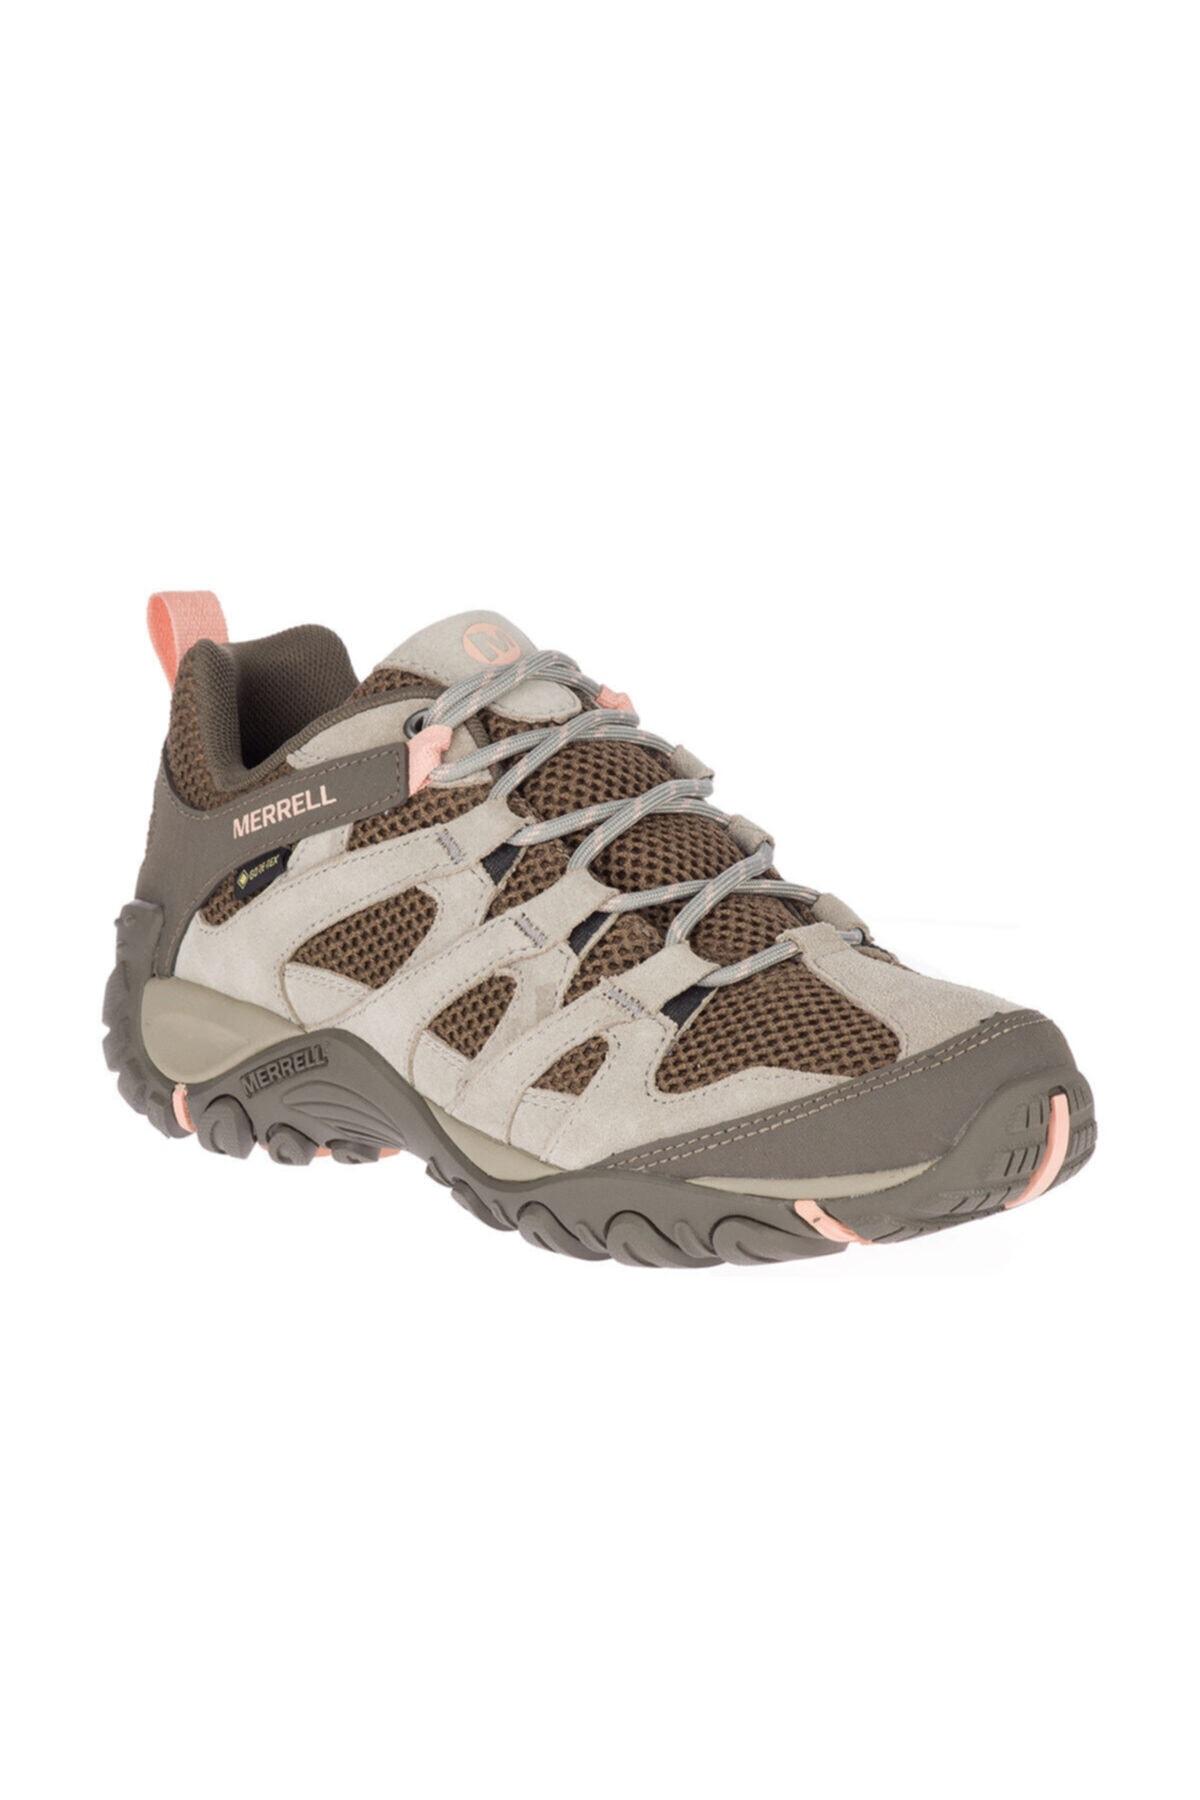 Merrell ALVERSTONE GTX Kahverengi Kadın Outdoor Ayakkabı 101016038 1